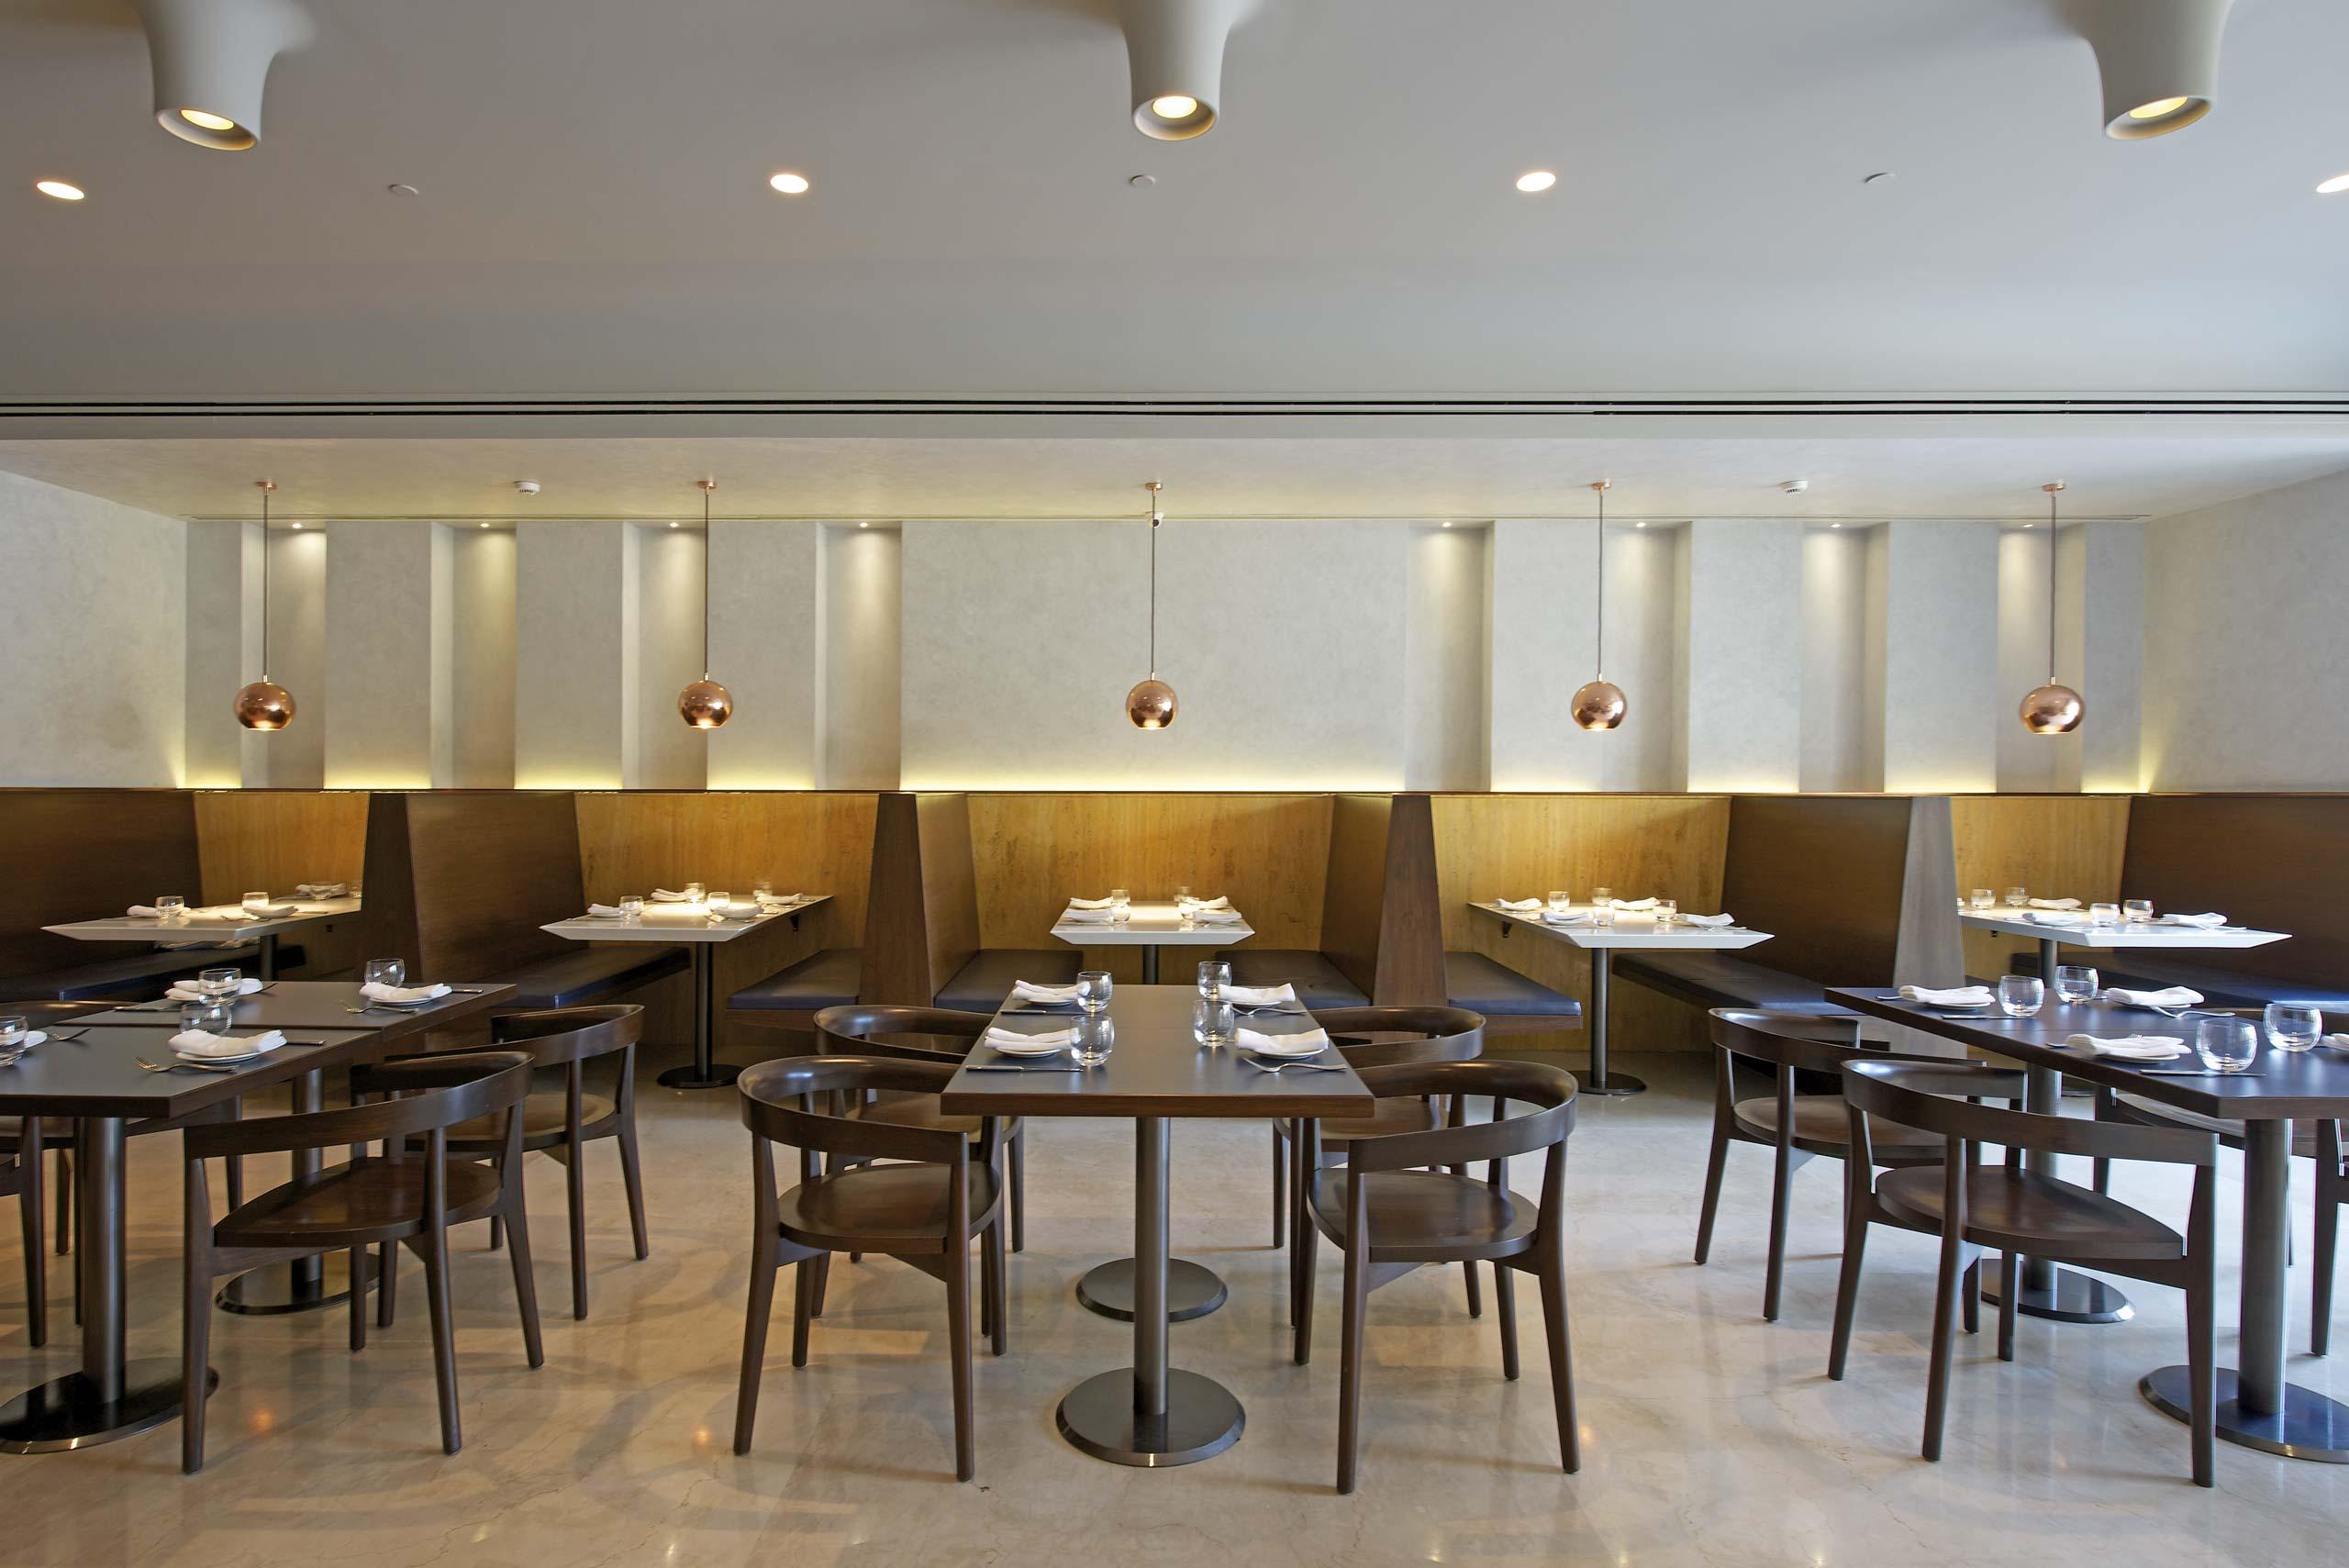 restaurant interior Otto infinito